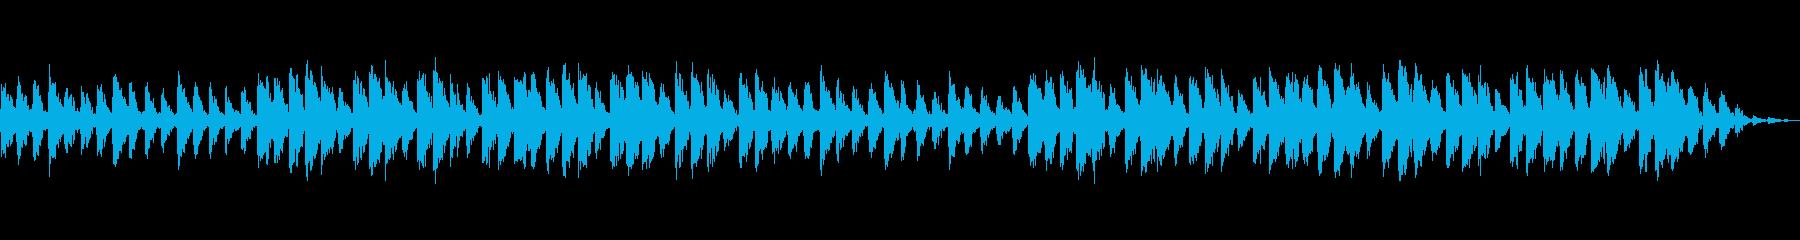 ほんわかとした印象の安らぎ音楽の再生済みの波形